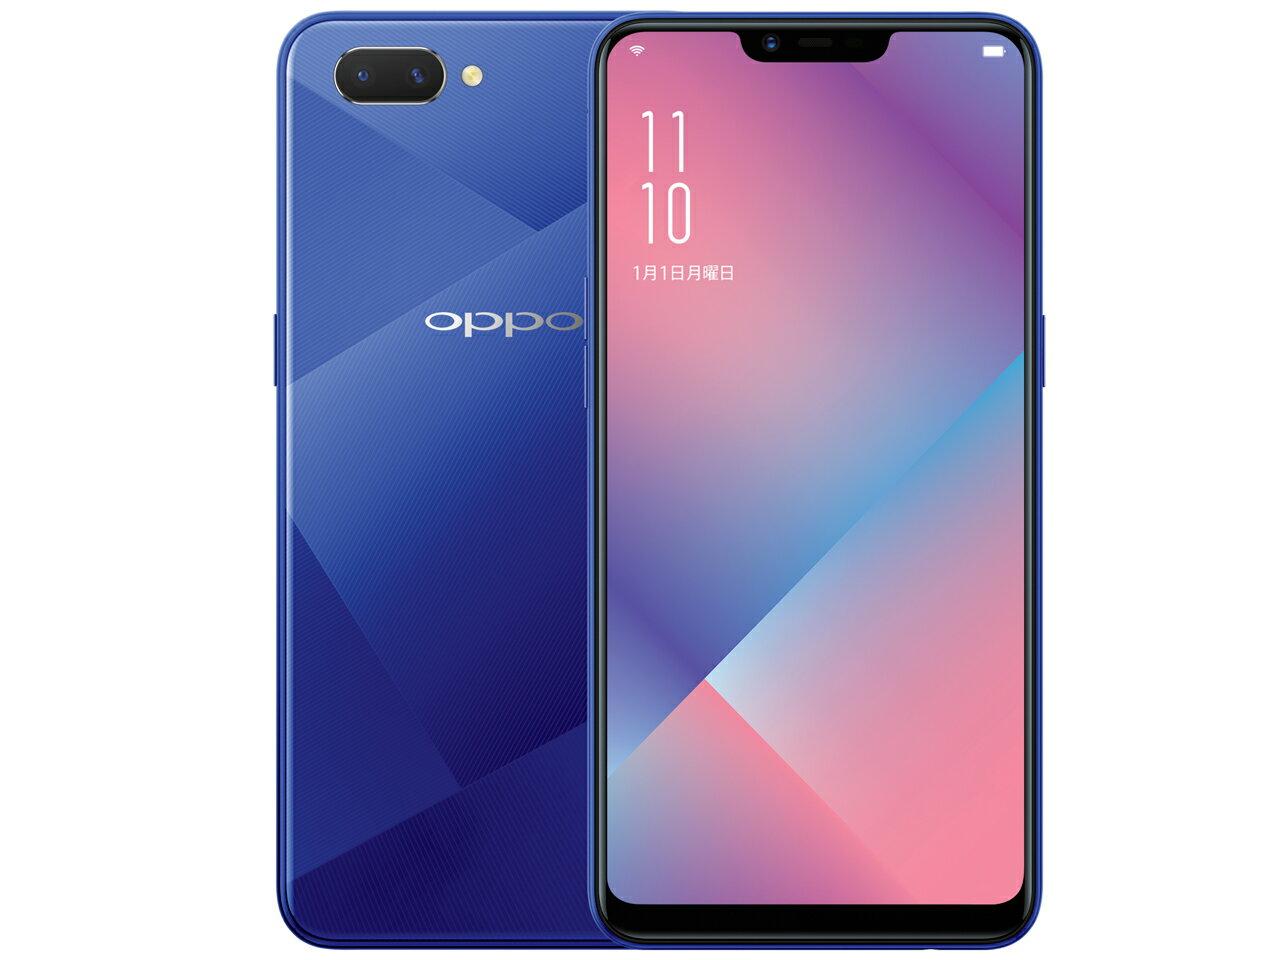 OPPO R15 Neo 3G/64G-BL/SIMフリー/2018年秋モデルOPPO R15 Neo 3GBメモリー SIMフリー2018年秋...